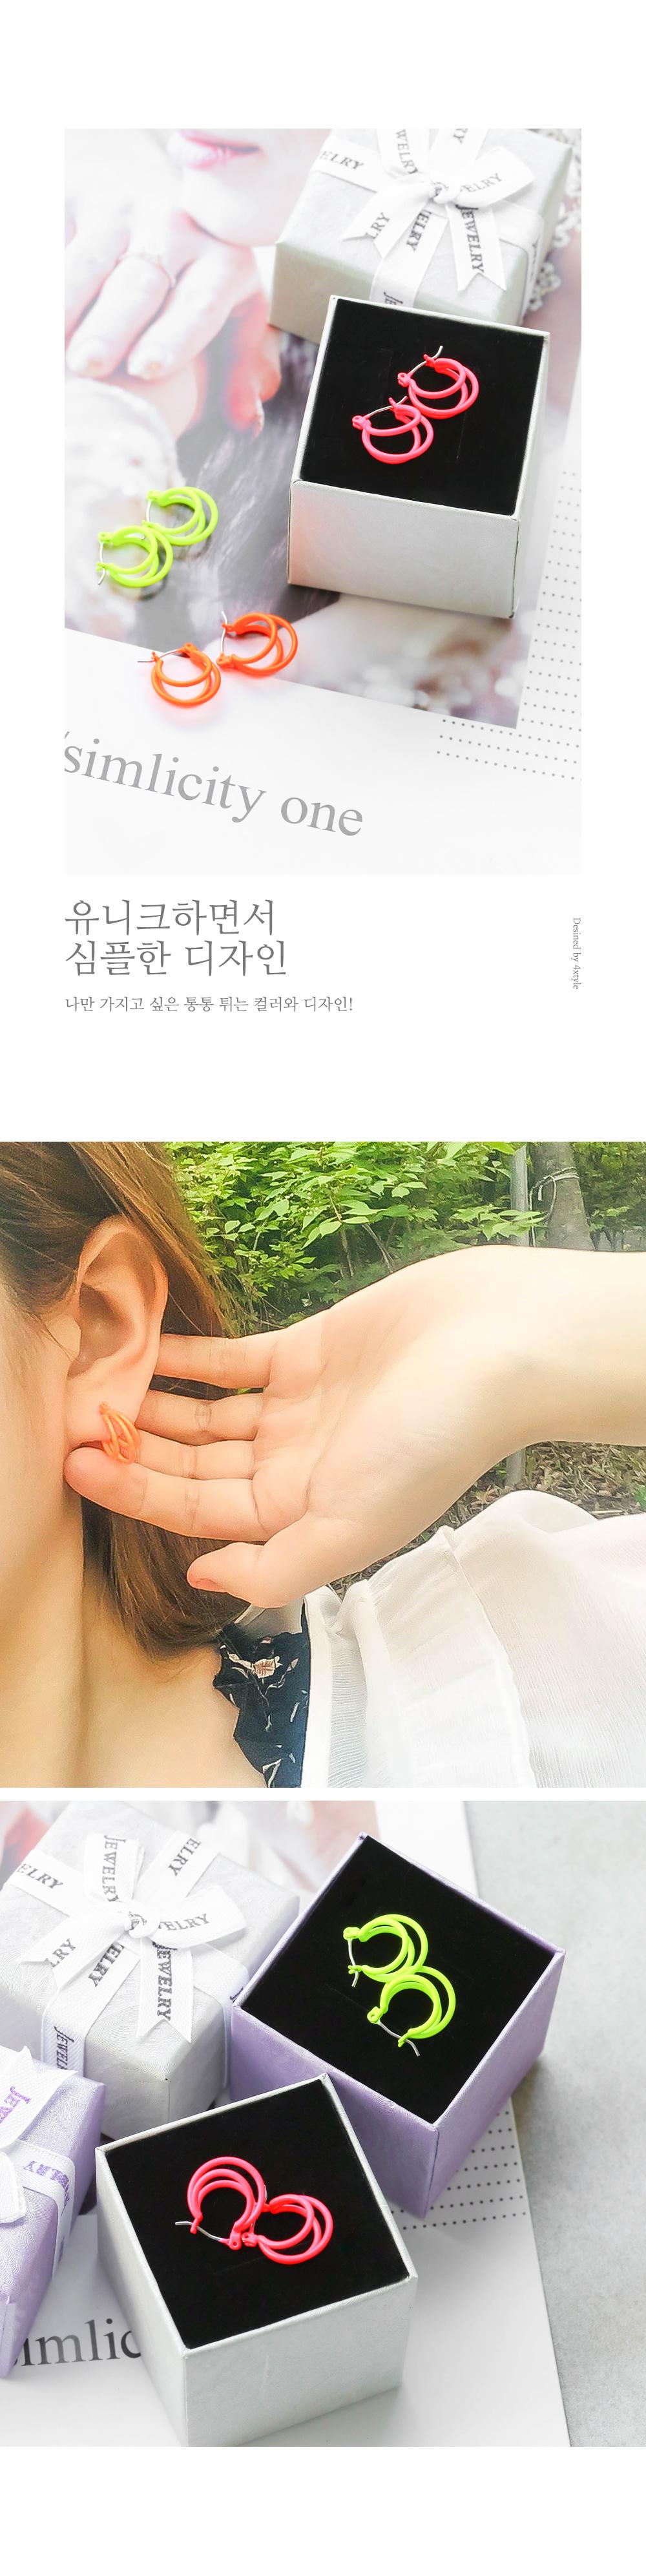 네온 3 라인 링 귀걸이 - 폭스타일, 7,000원, 진주/원석, 드롭귀걸이